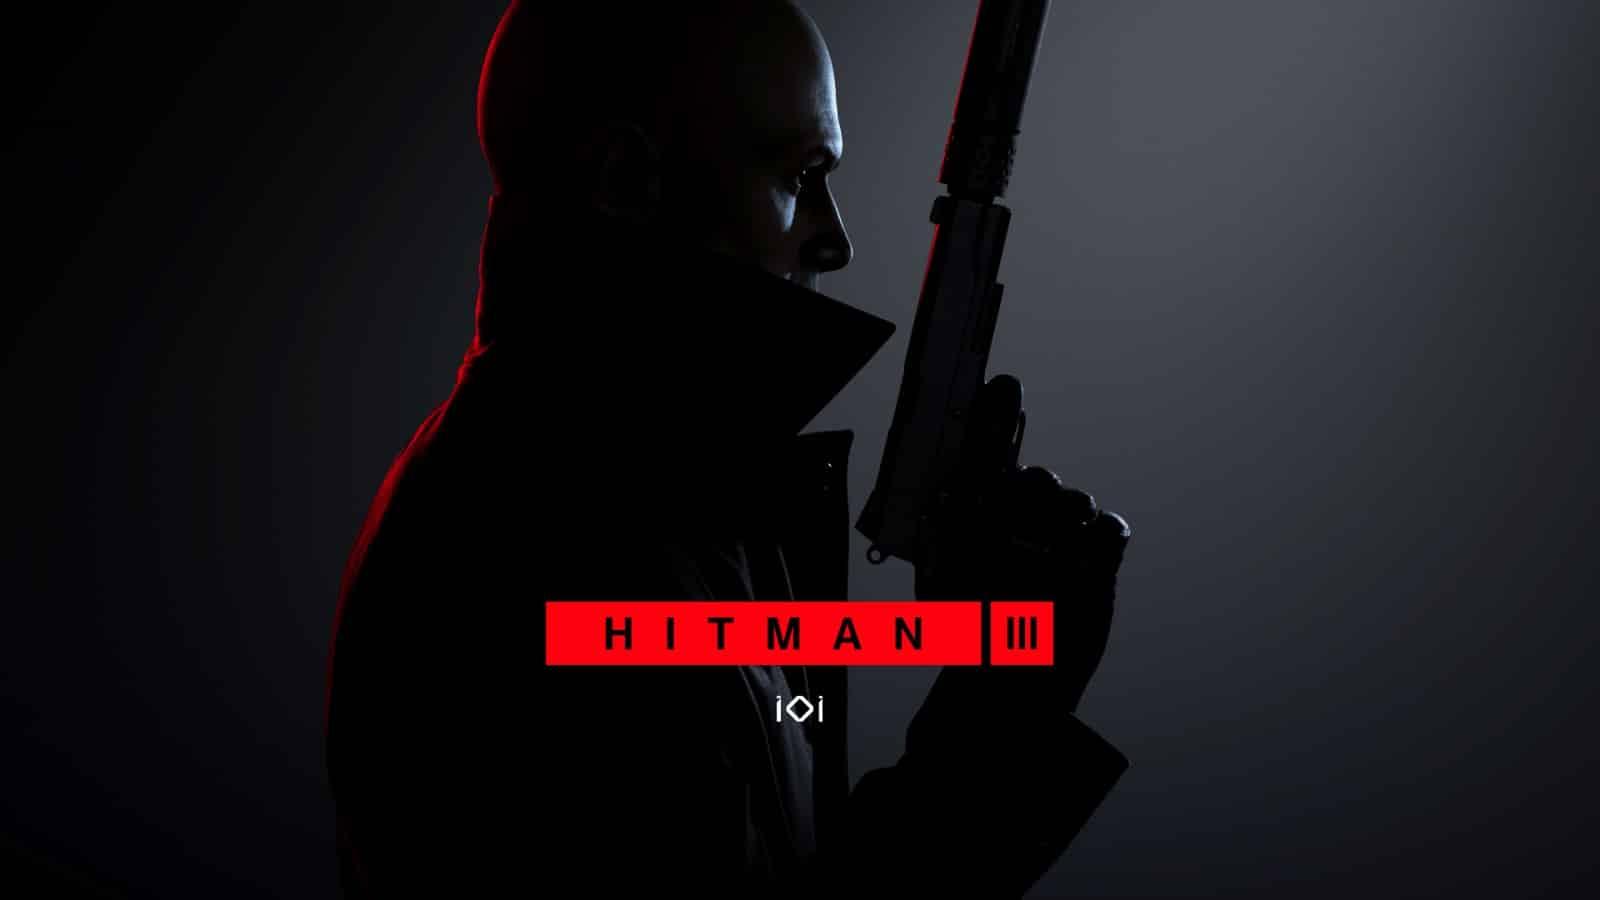 Hitman 3 - PS5 - DealsTracker.nl